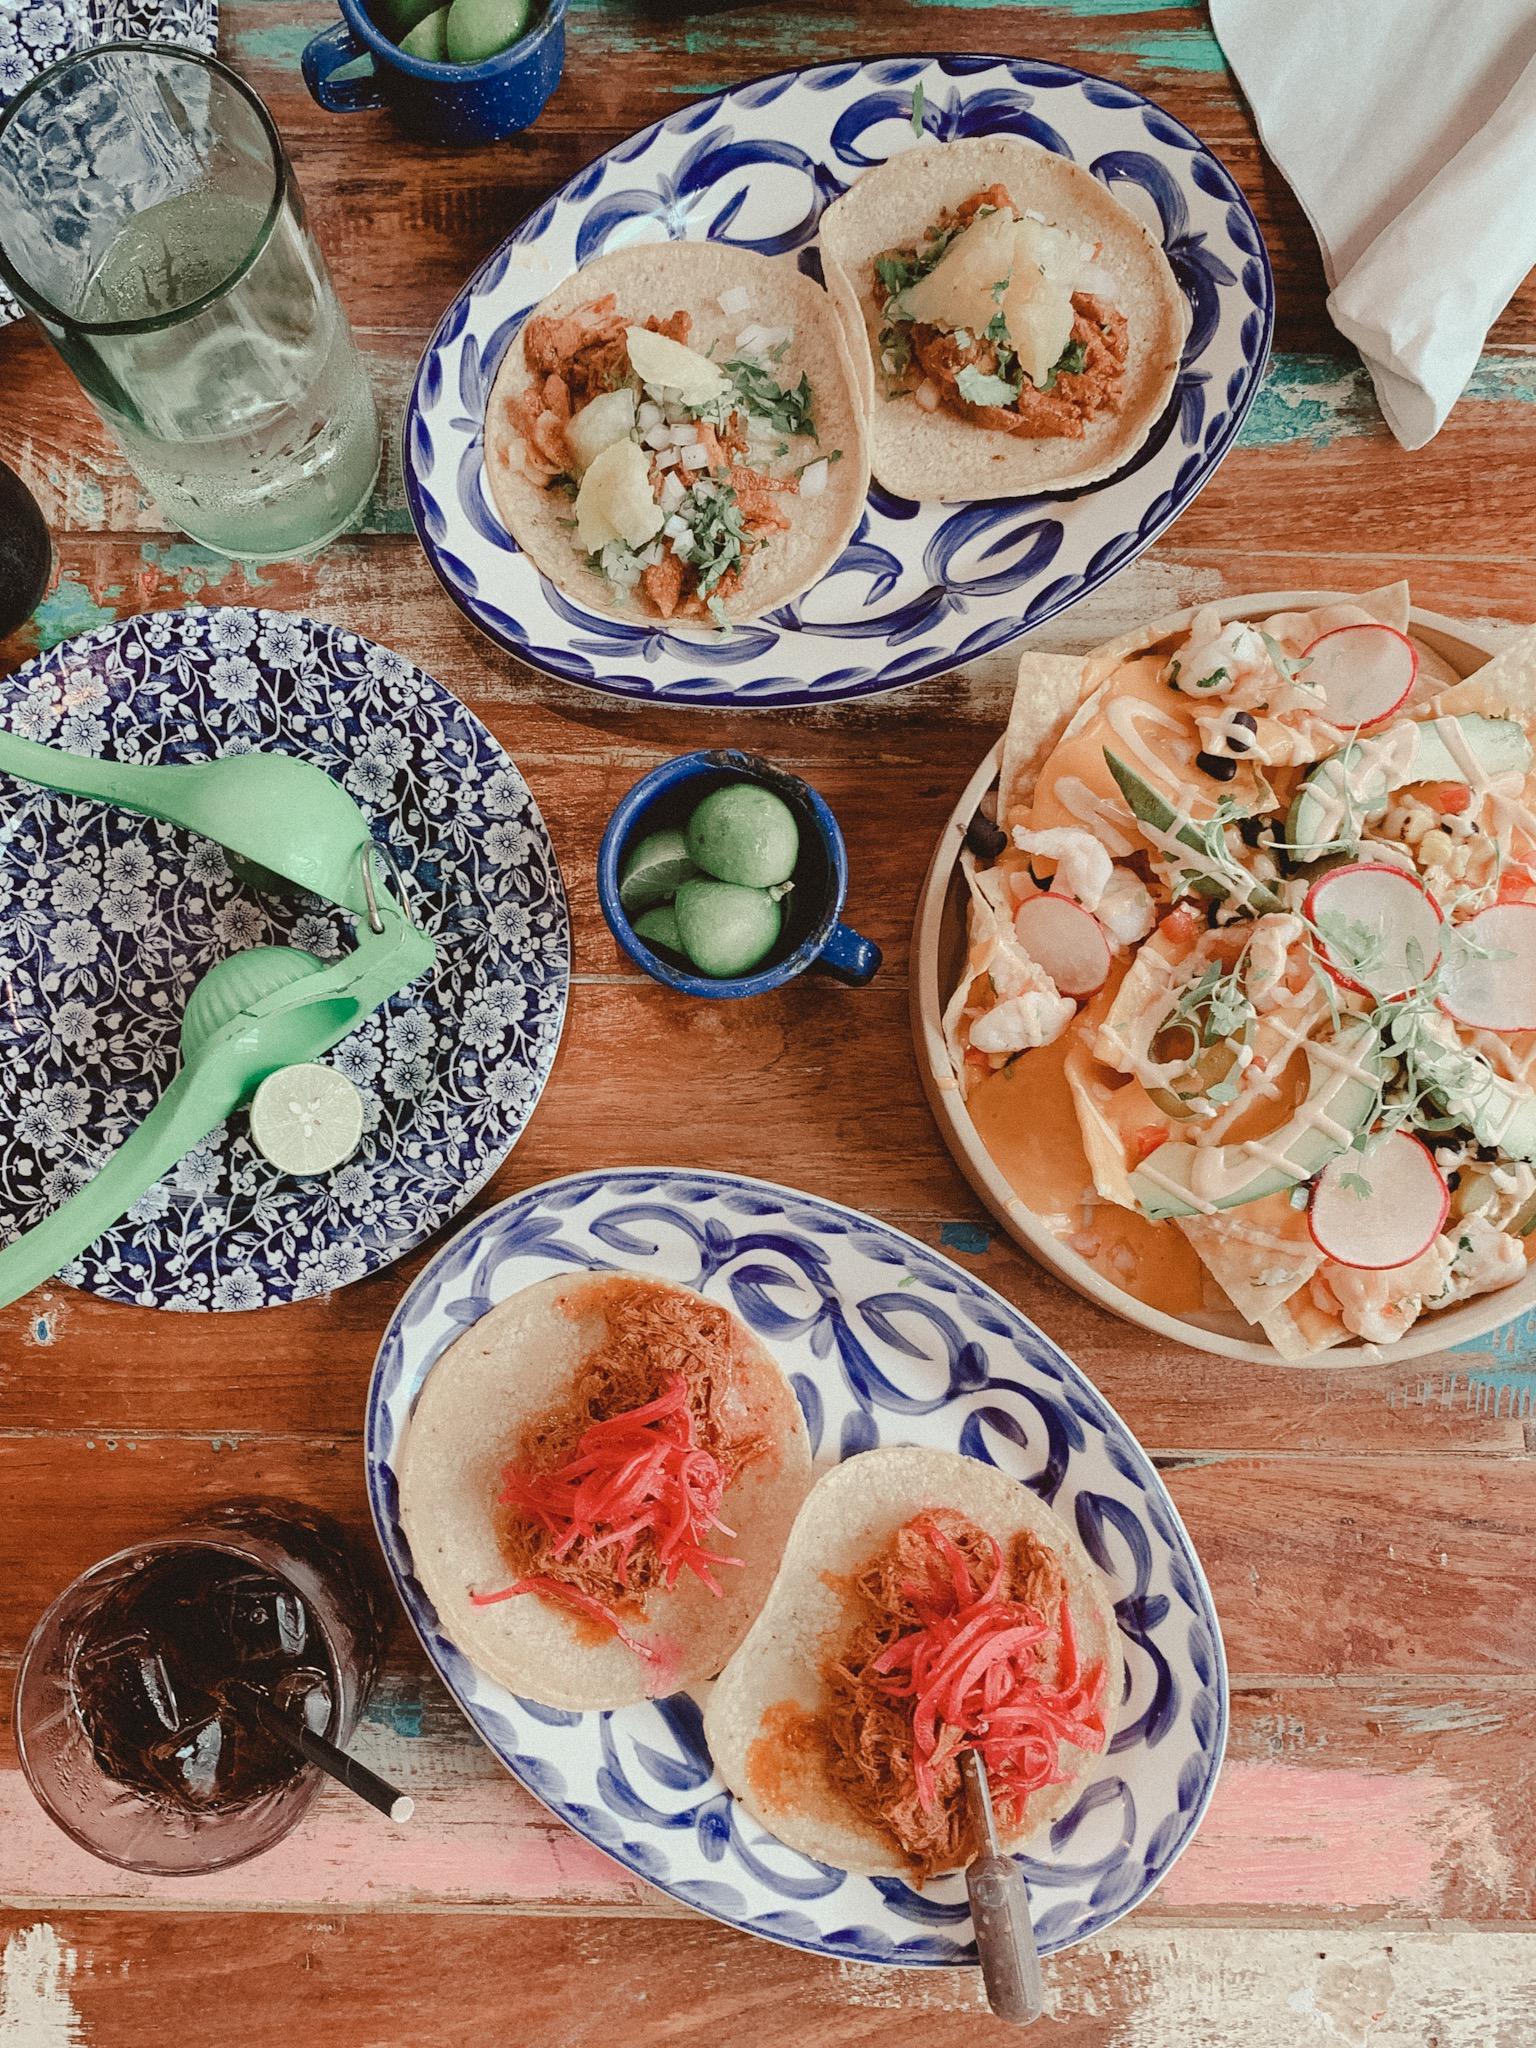 Where To Eat in Miami - #ExploreMiami Part 1